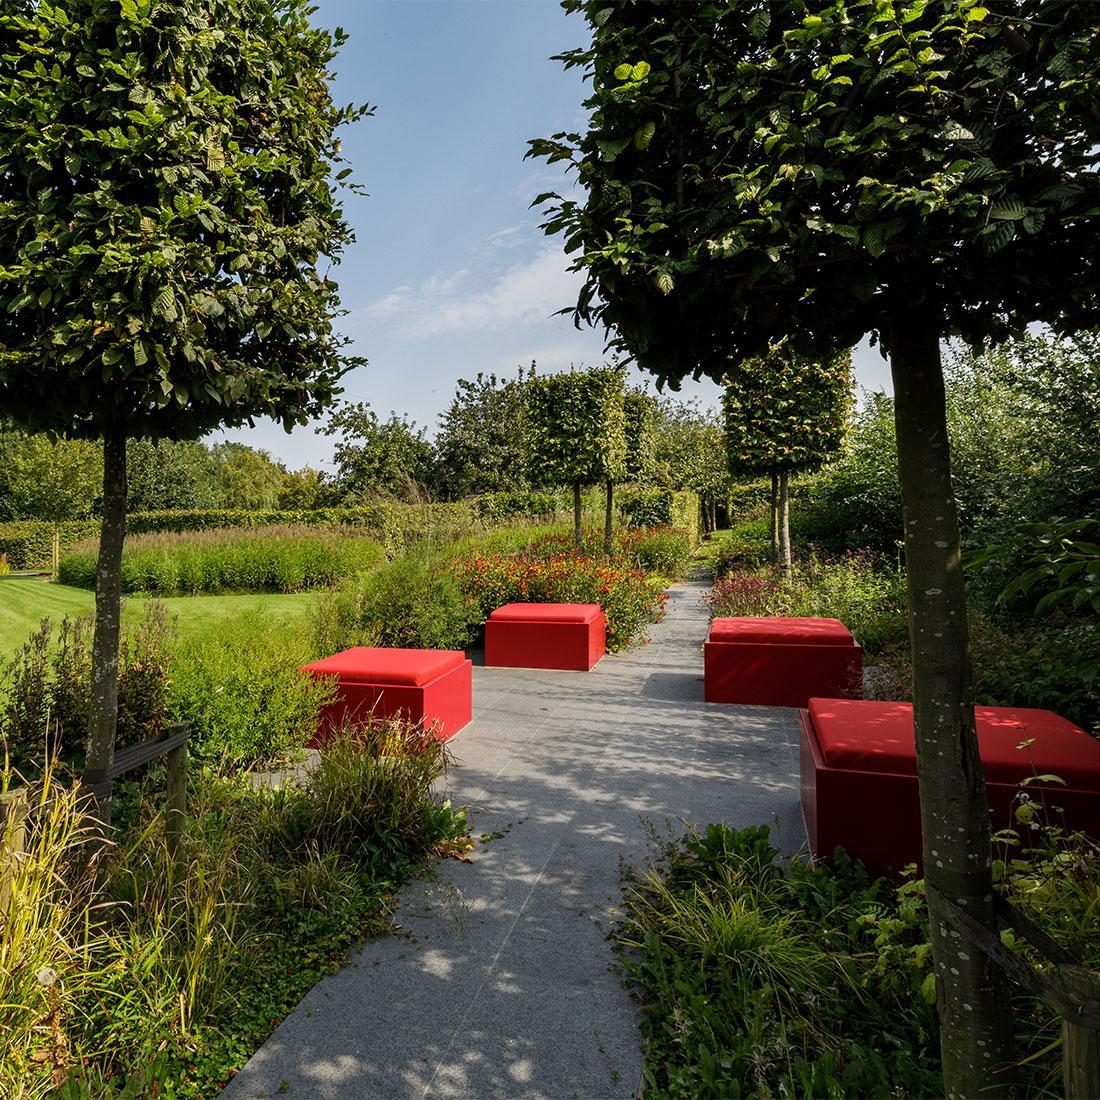 141-parktuin-vijver-water-grote-tuin-loopbrug-prairie-vasteplanten-spruyt-61.jpg